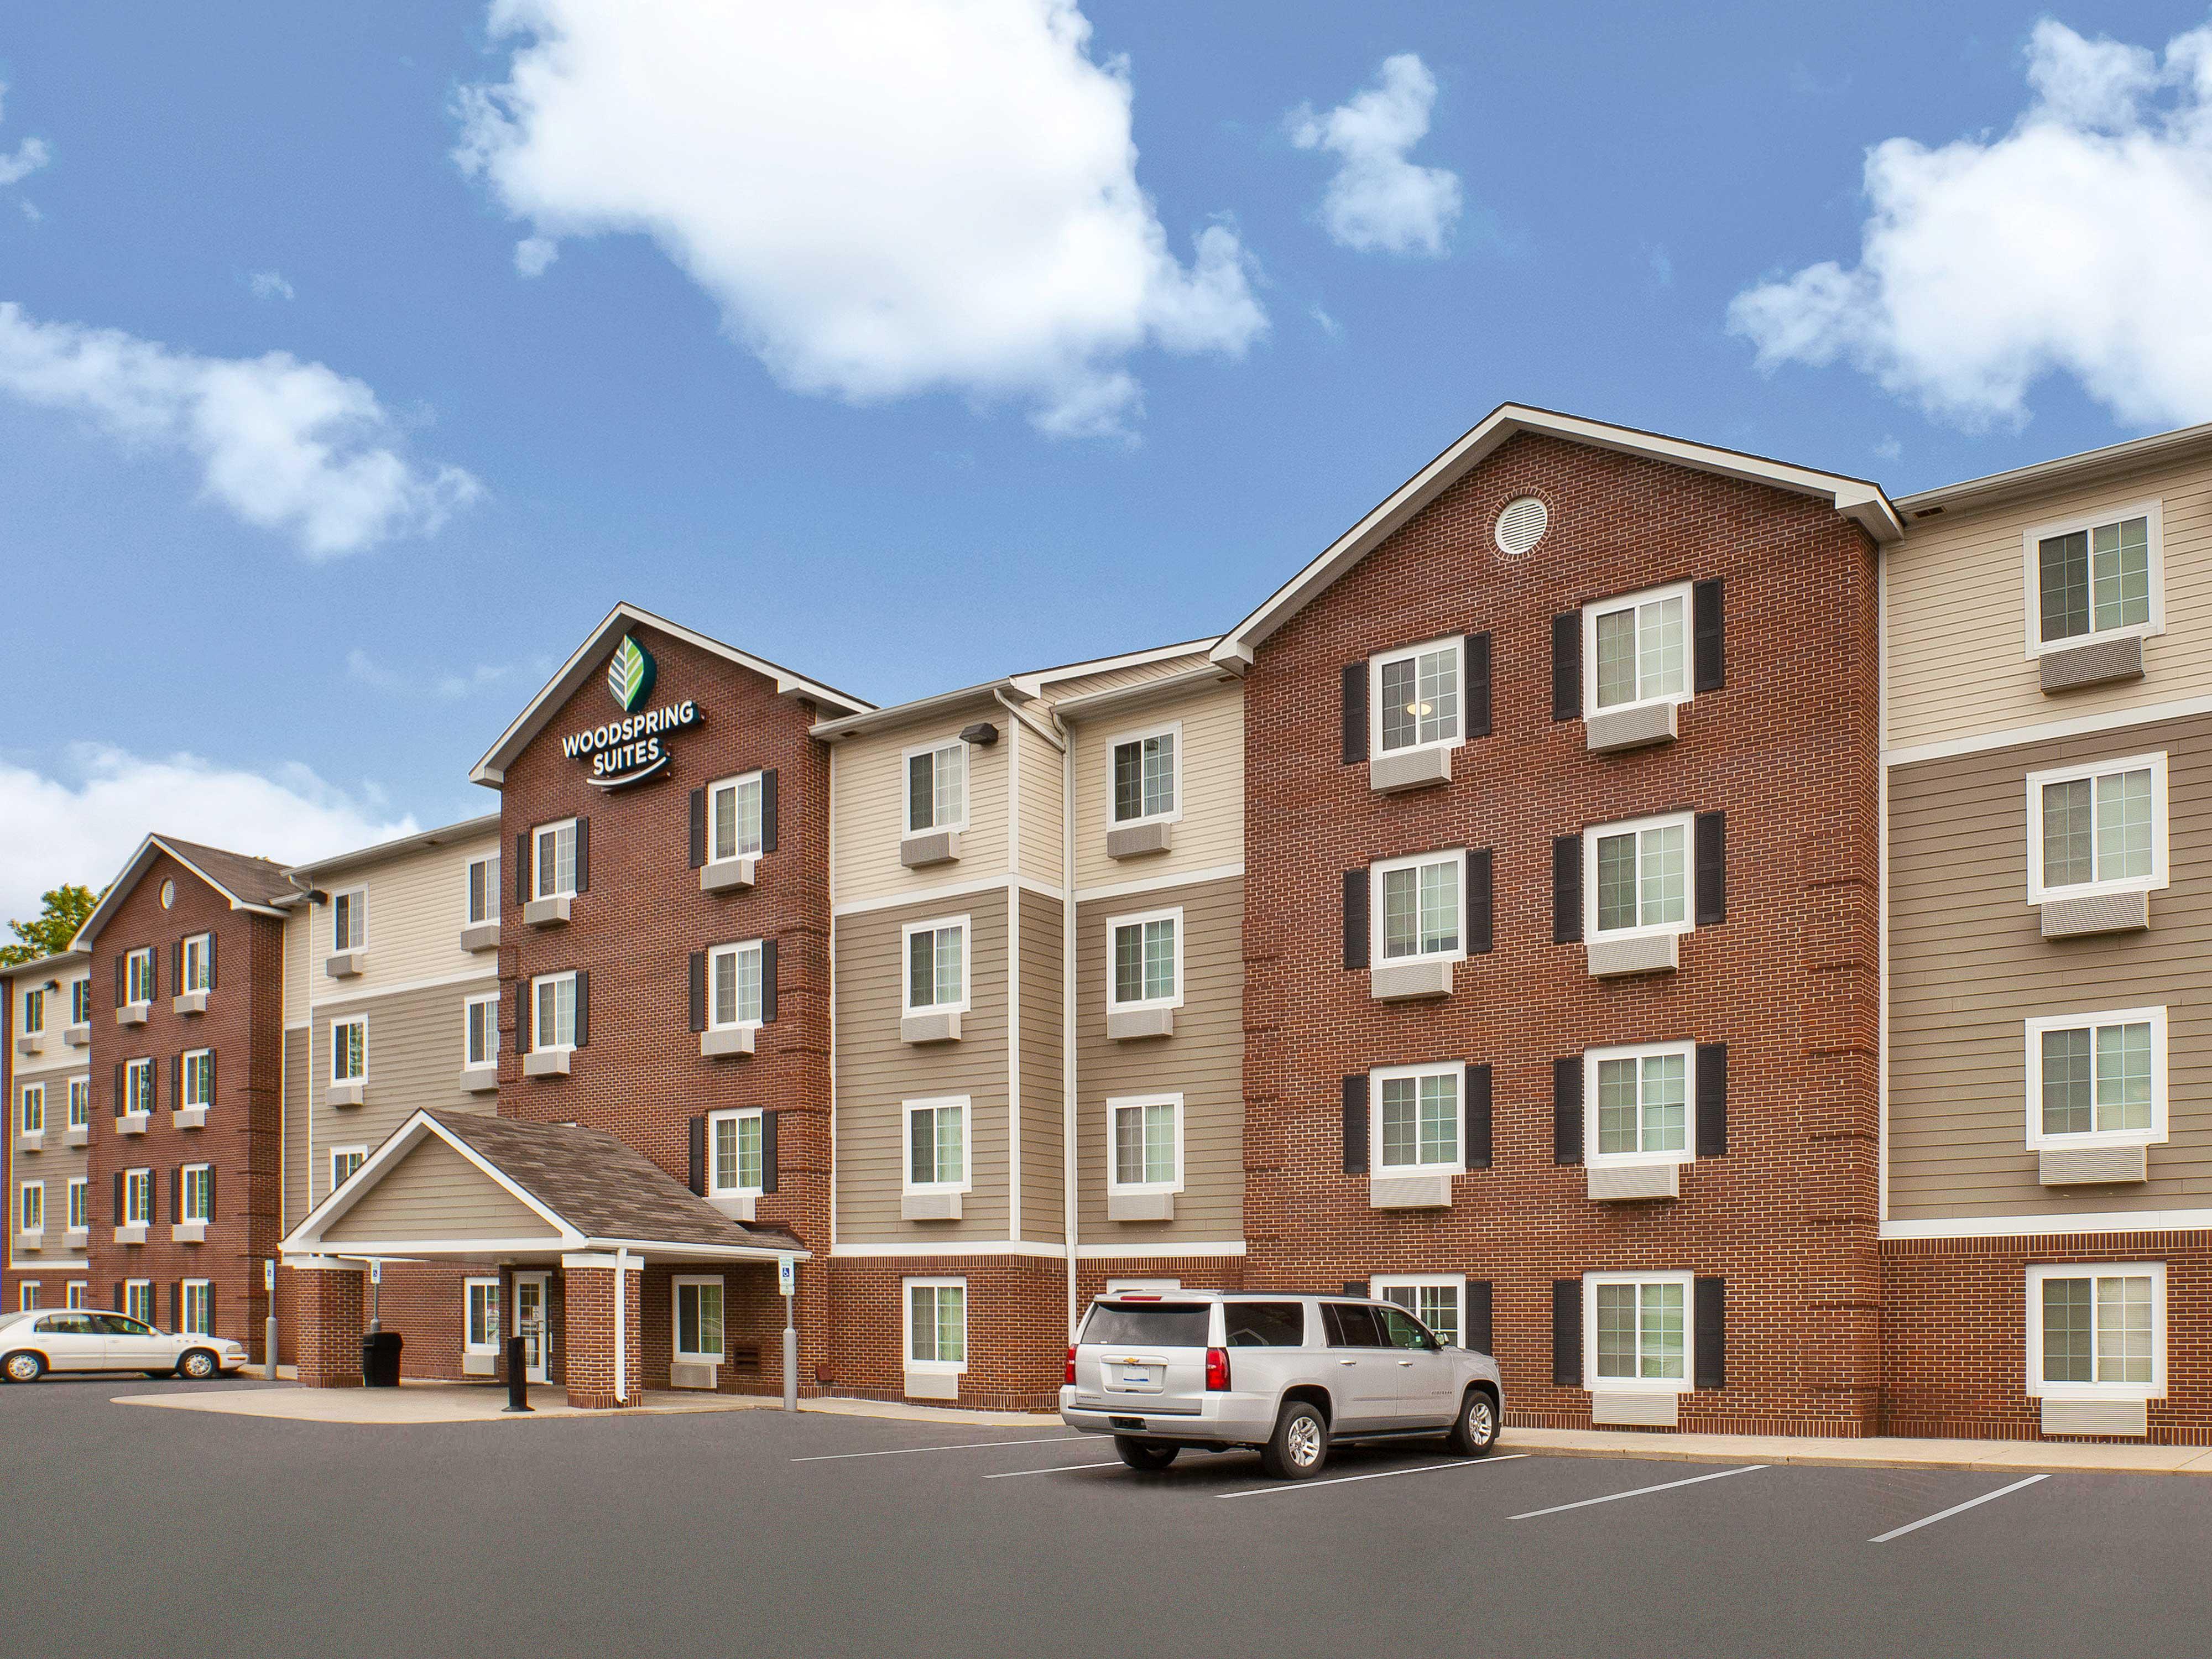 WoodSpring Suites Grand Rapids Holland image 0